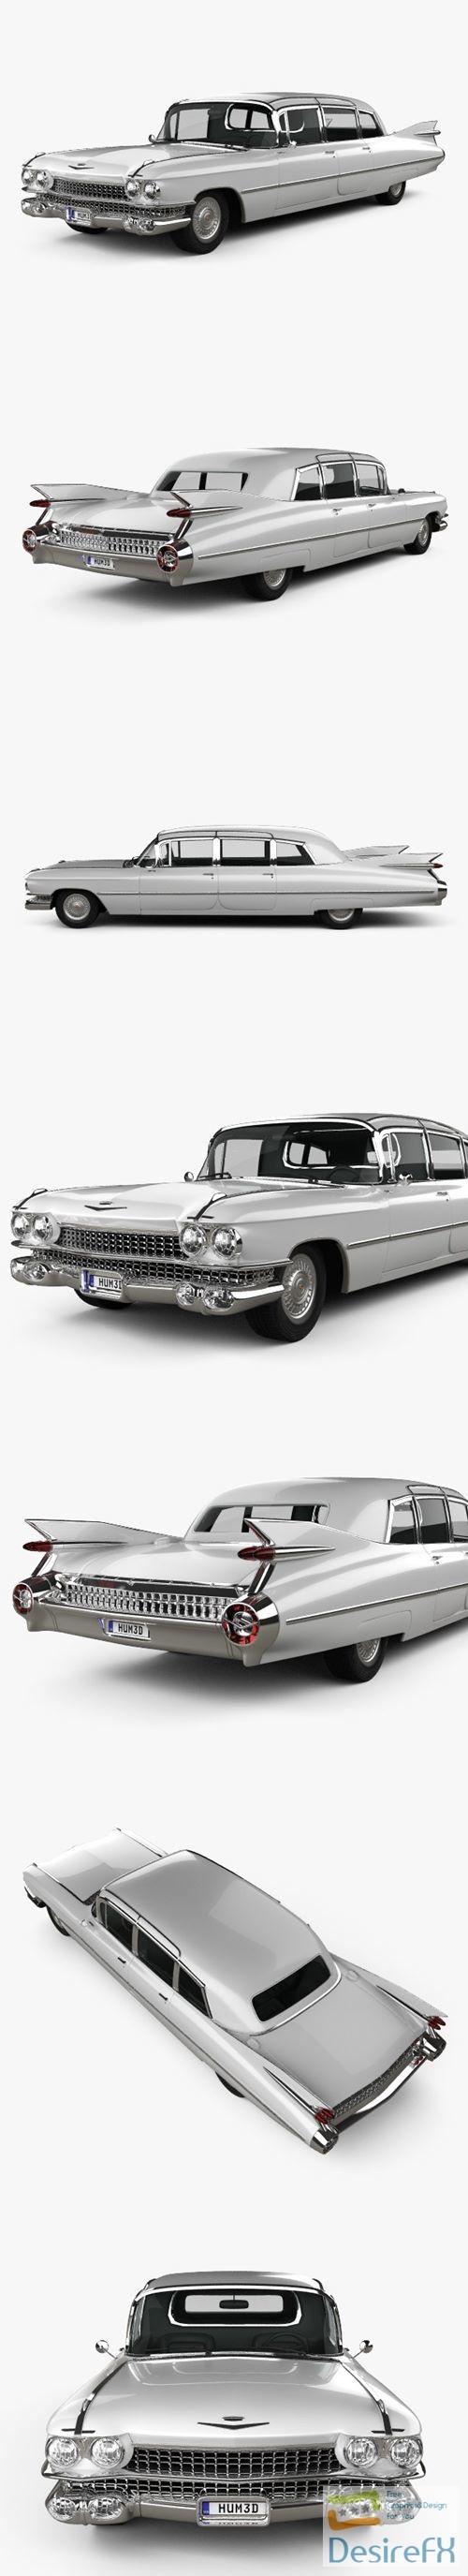 3d-models - Cadillac Fleetwood 75 Miller-Meteor Hearse 1959 3D Model